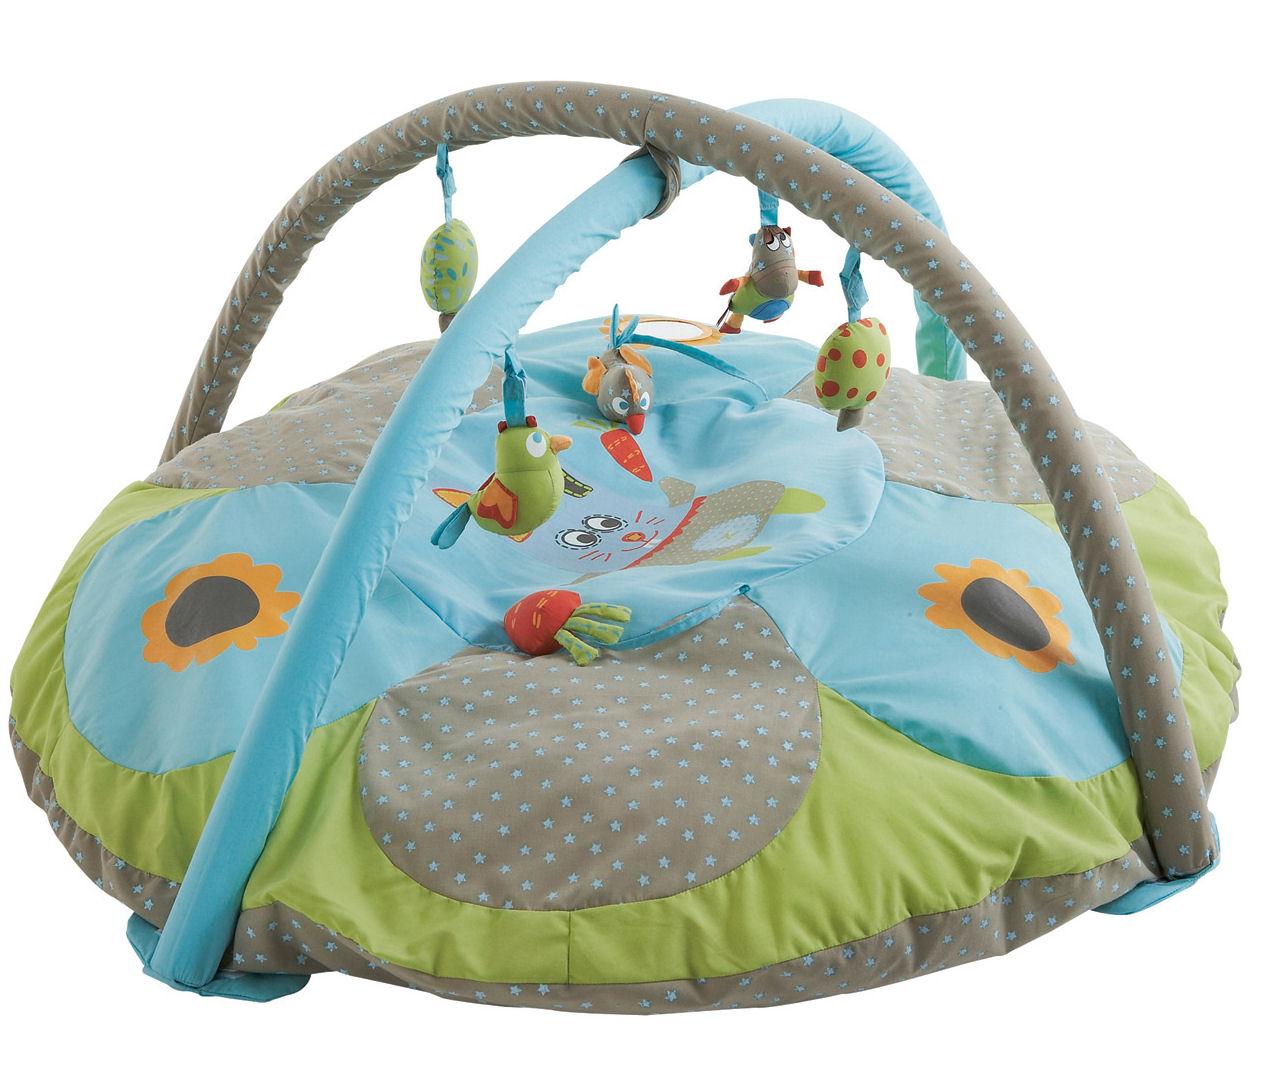 jouets pour gar on de 10 ans jouet gar 10 an sur enperdresonlapin. Black Bedroom Furniture Sets. Home Design Ideas